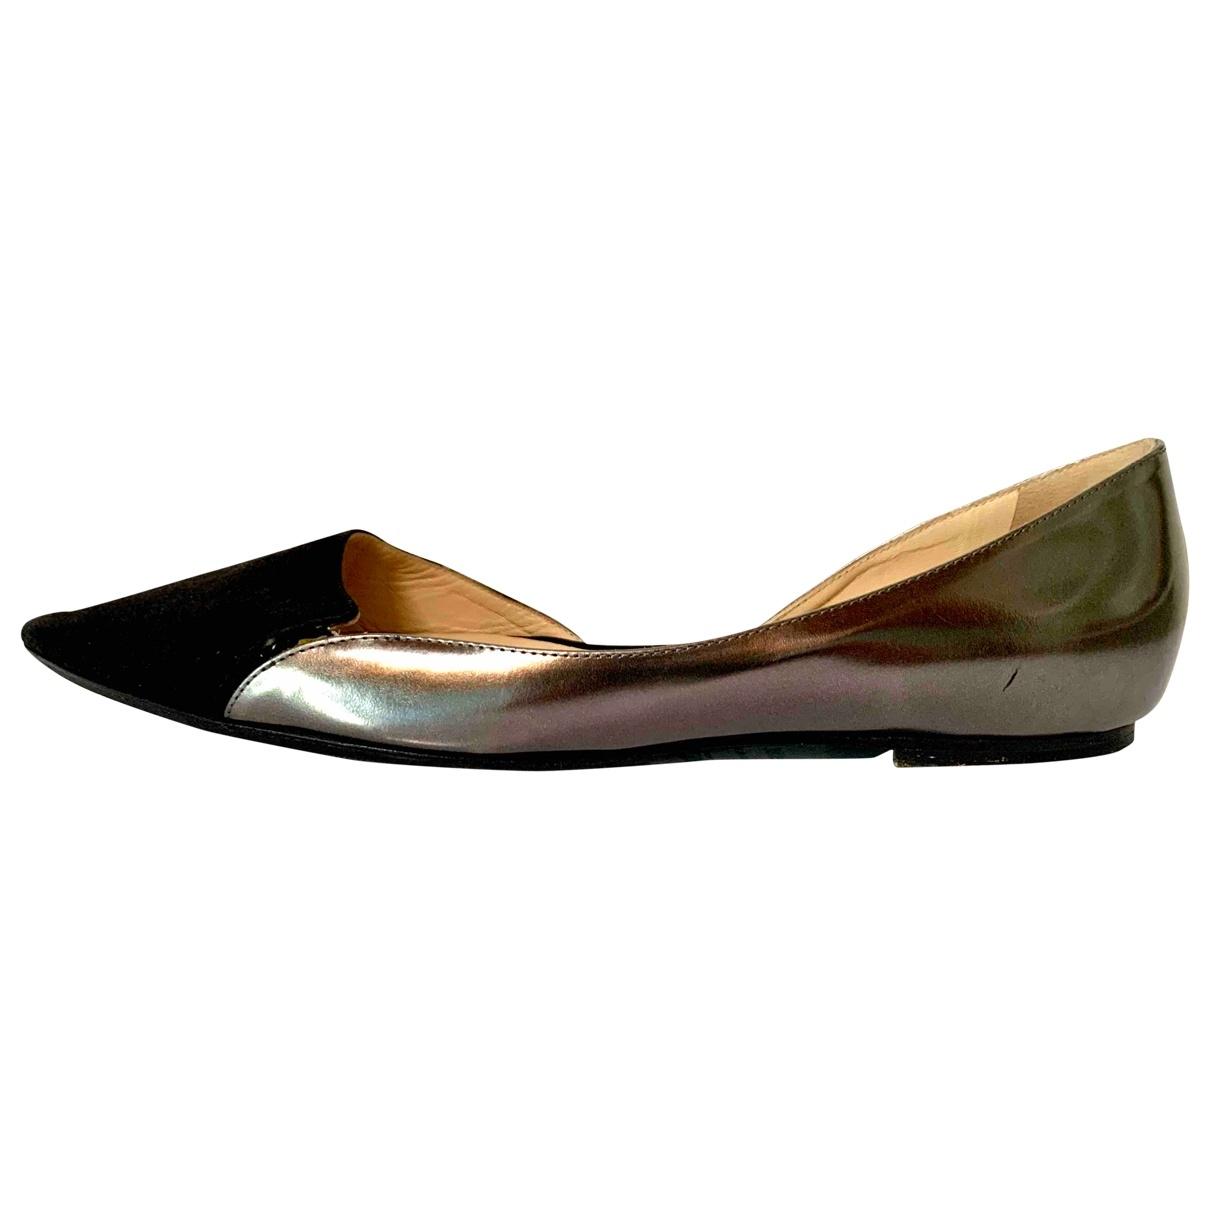 Jimmy Choo \N Black Leather Ballet flats for Women 38.5 IT